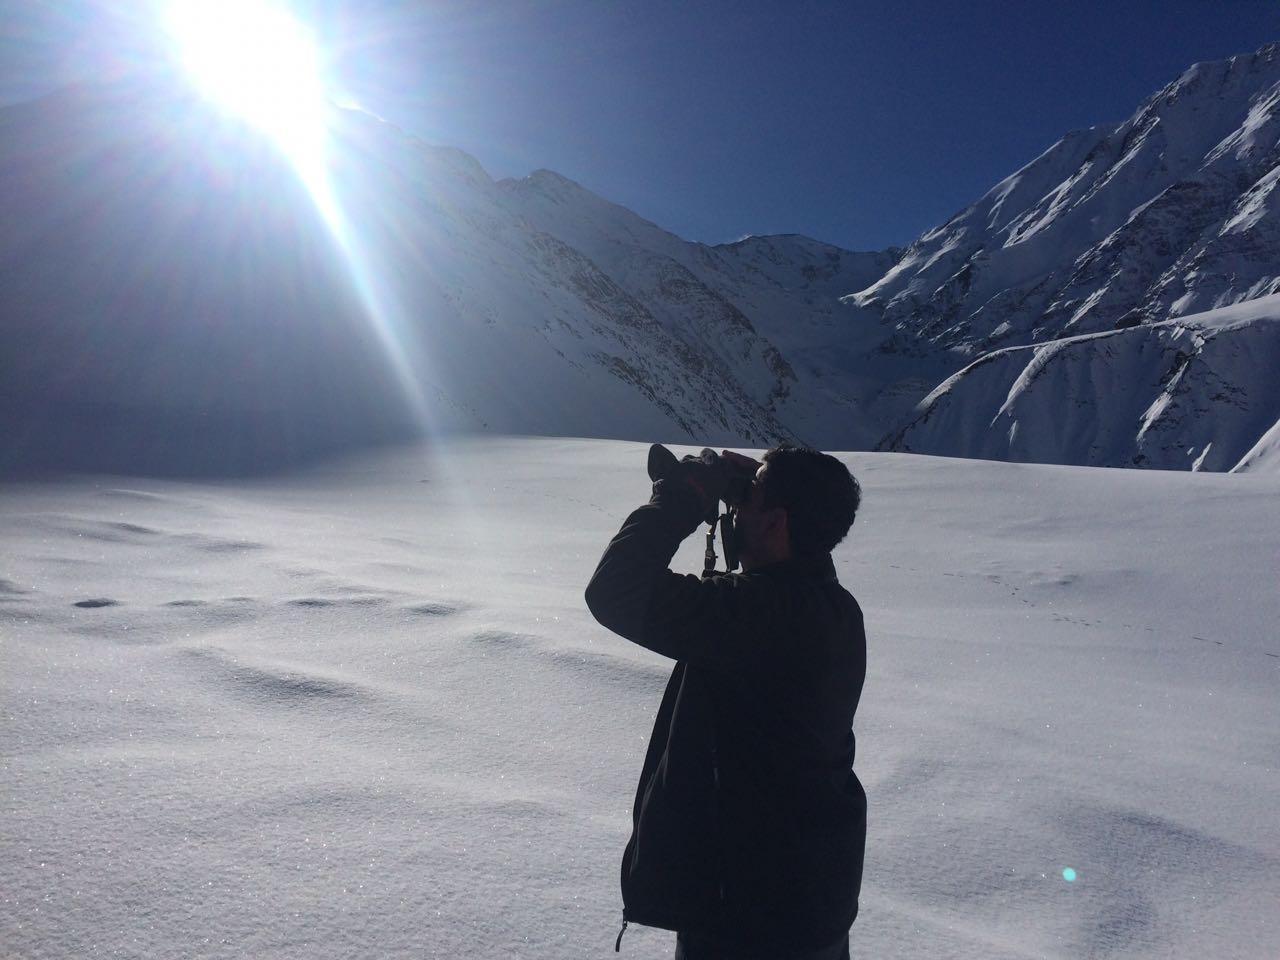 Alpinistlərin axtarışı üçün əraziyə ağır texnikanın cəlb edilməsi daha təhlükəli vəziyyət yarada bilər